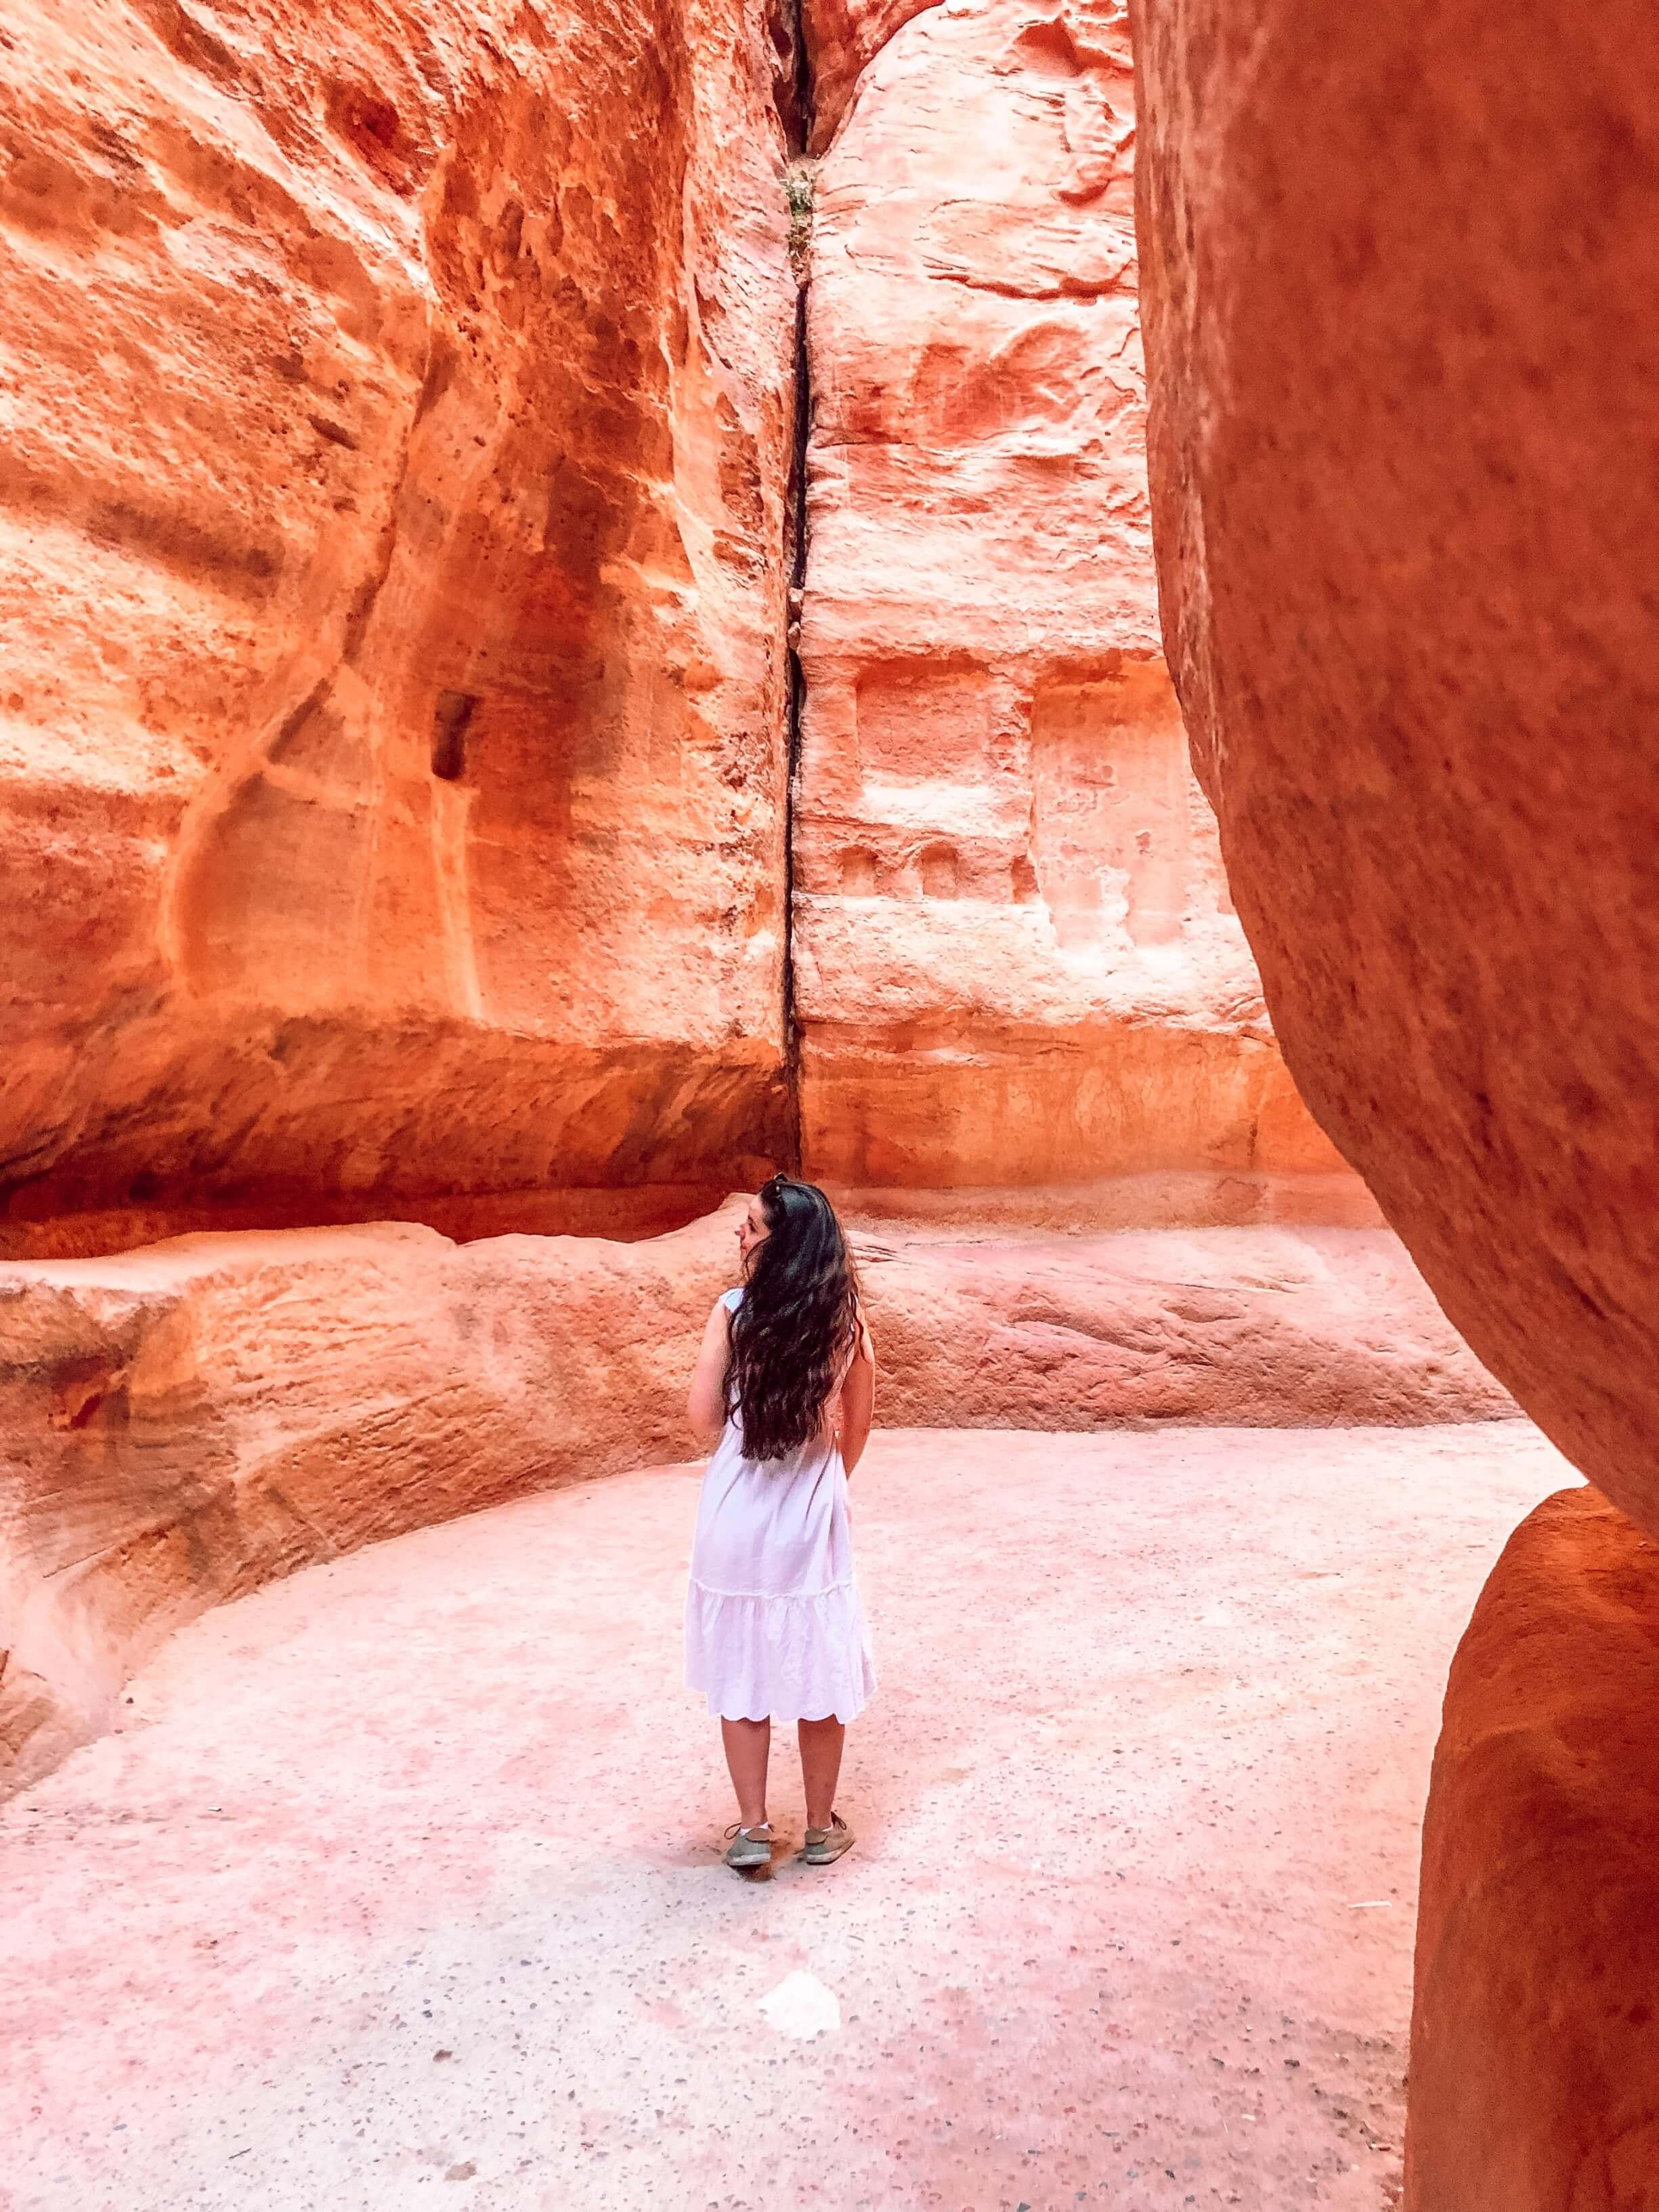 Vstup k starobylým ruinám jordánskej Petry je čarovný. Prechádzať budete cez kaňon Sík, ktorý je v niektorých miestach široký a inde úzky.